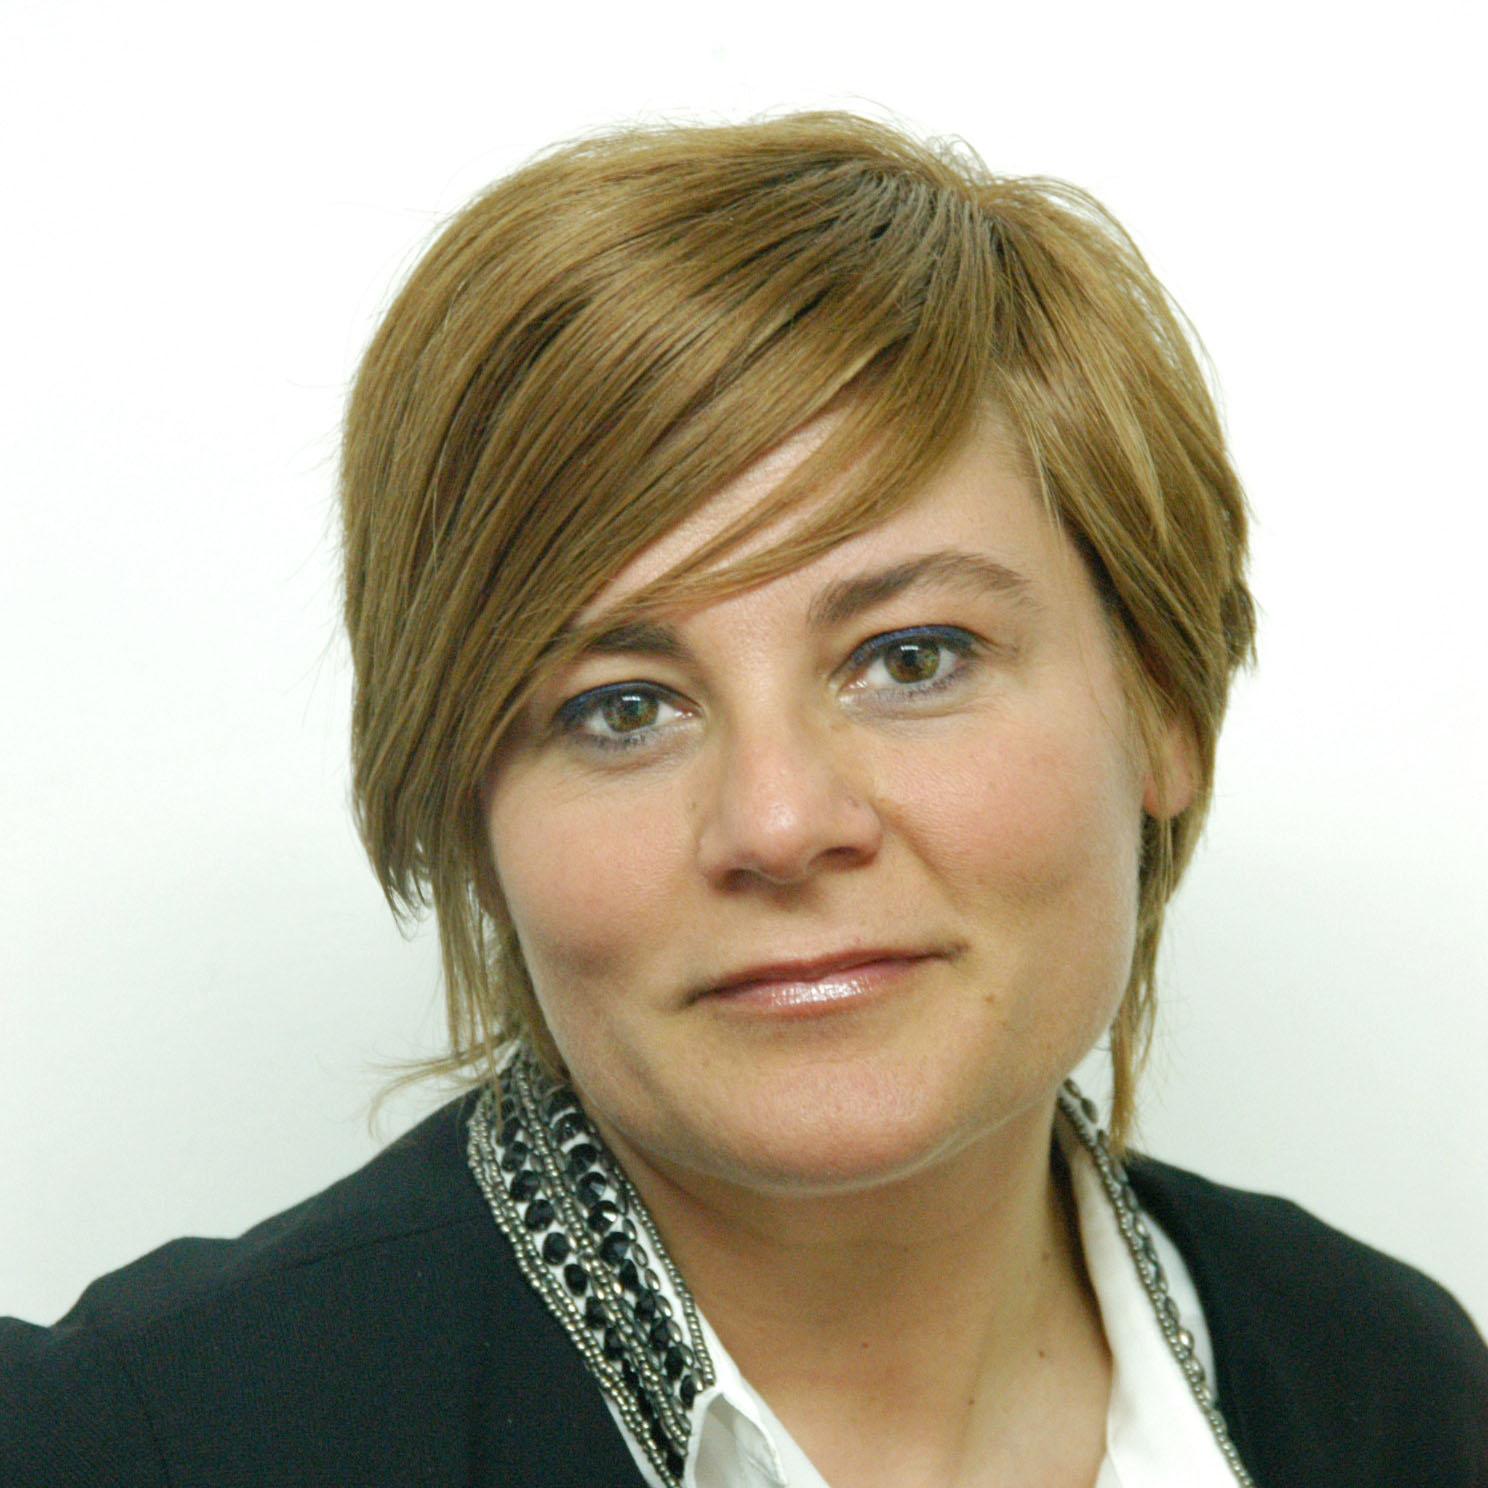 Roberta Frulla